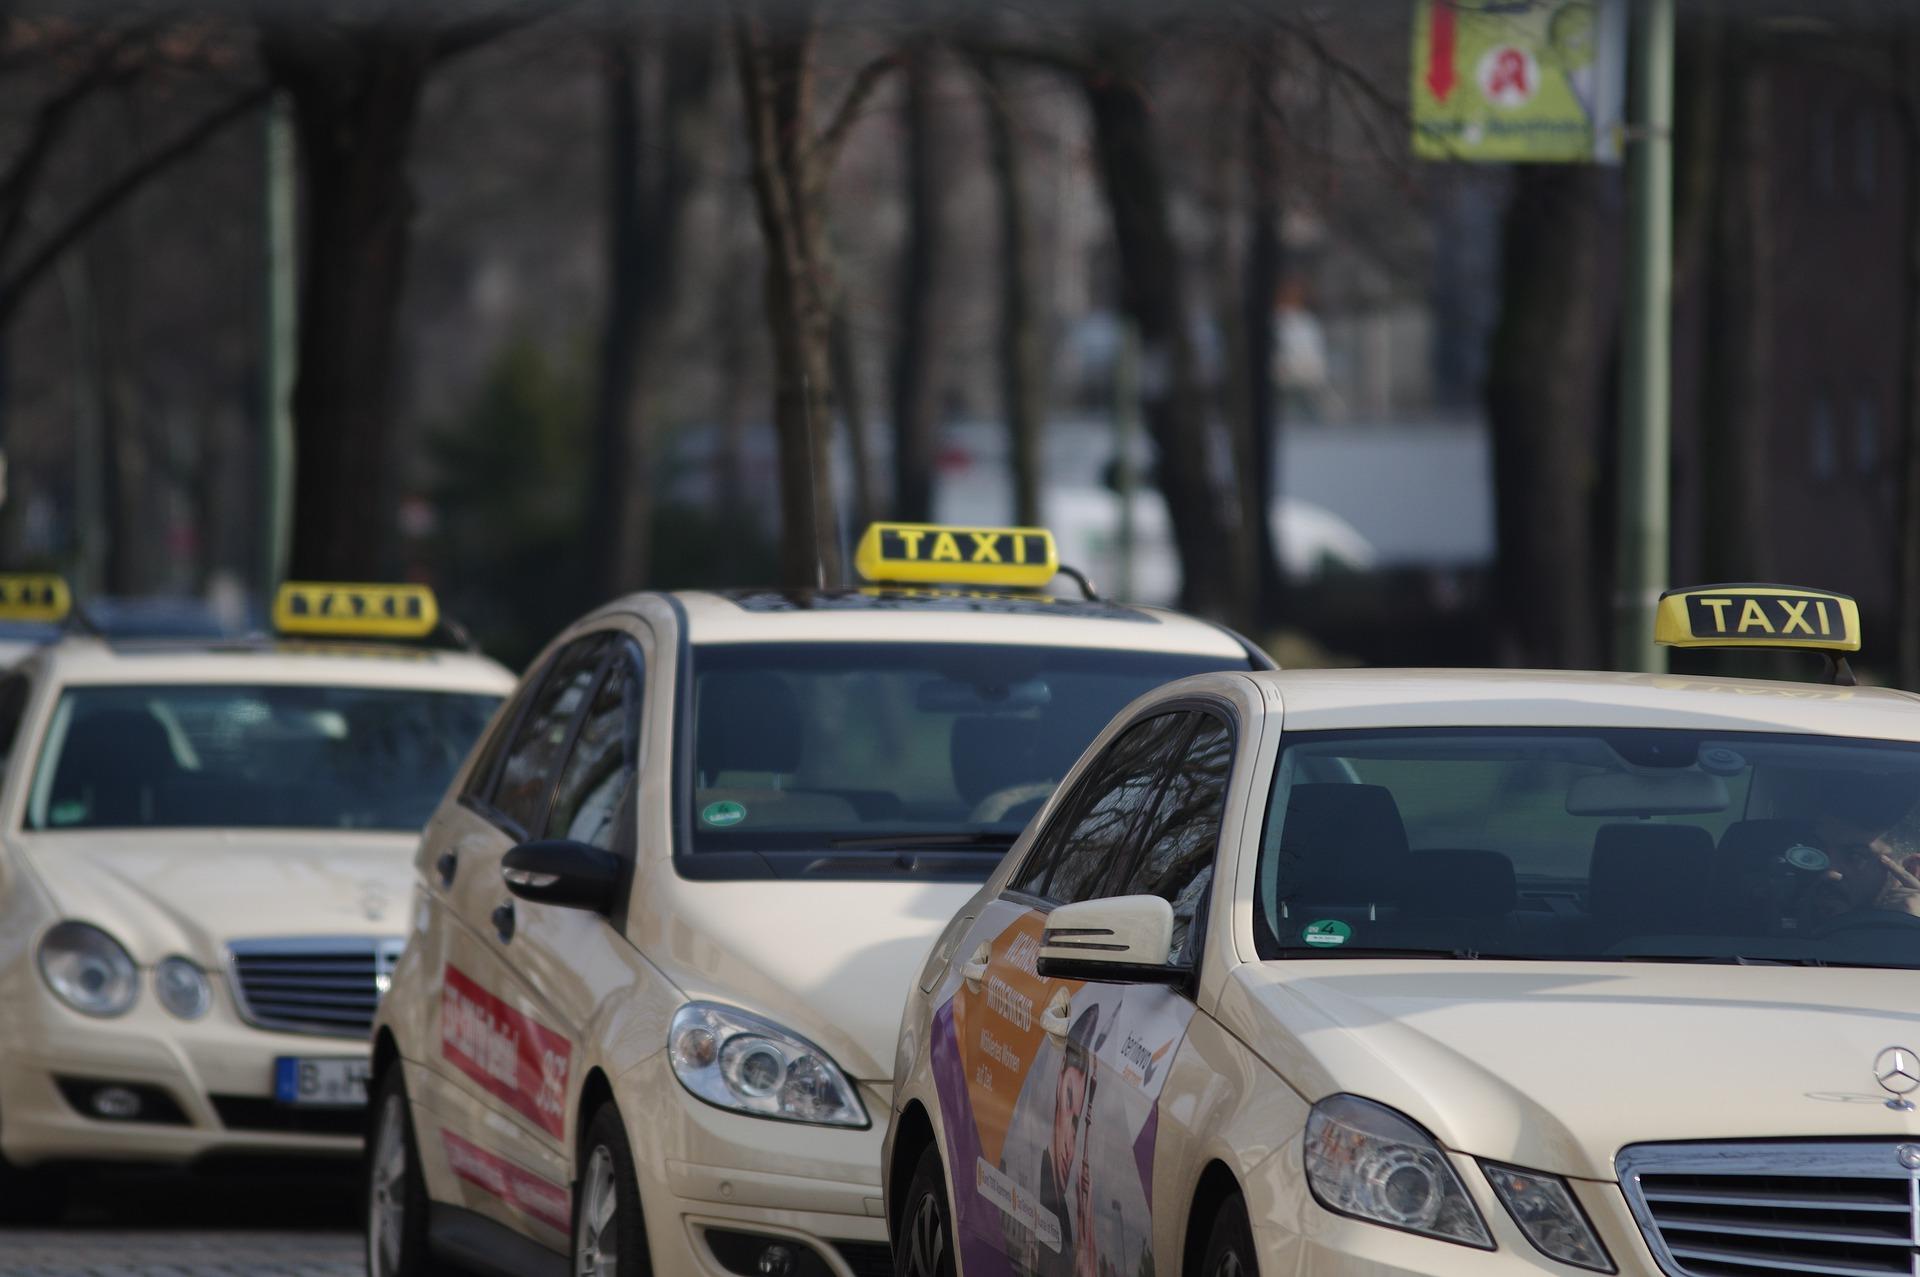 Reform des Taxi- und Fahrdienstmarkts kommt voran - aber vieles offen